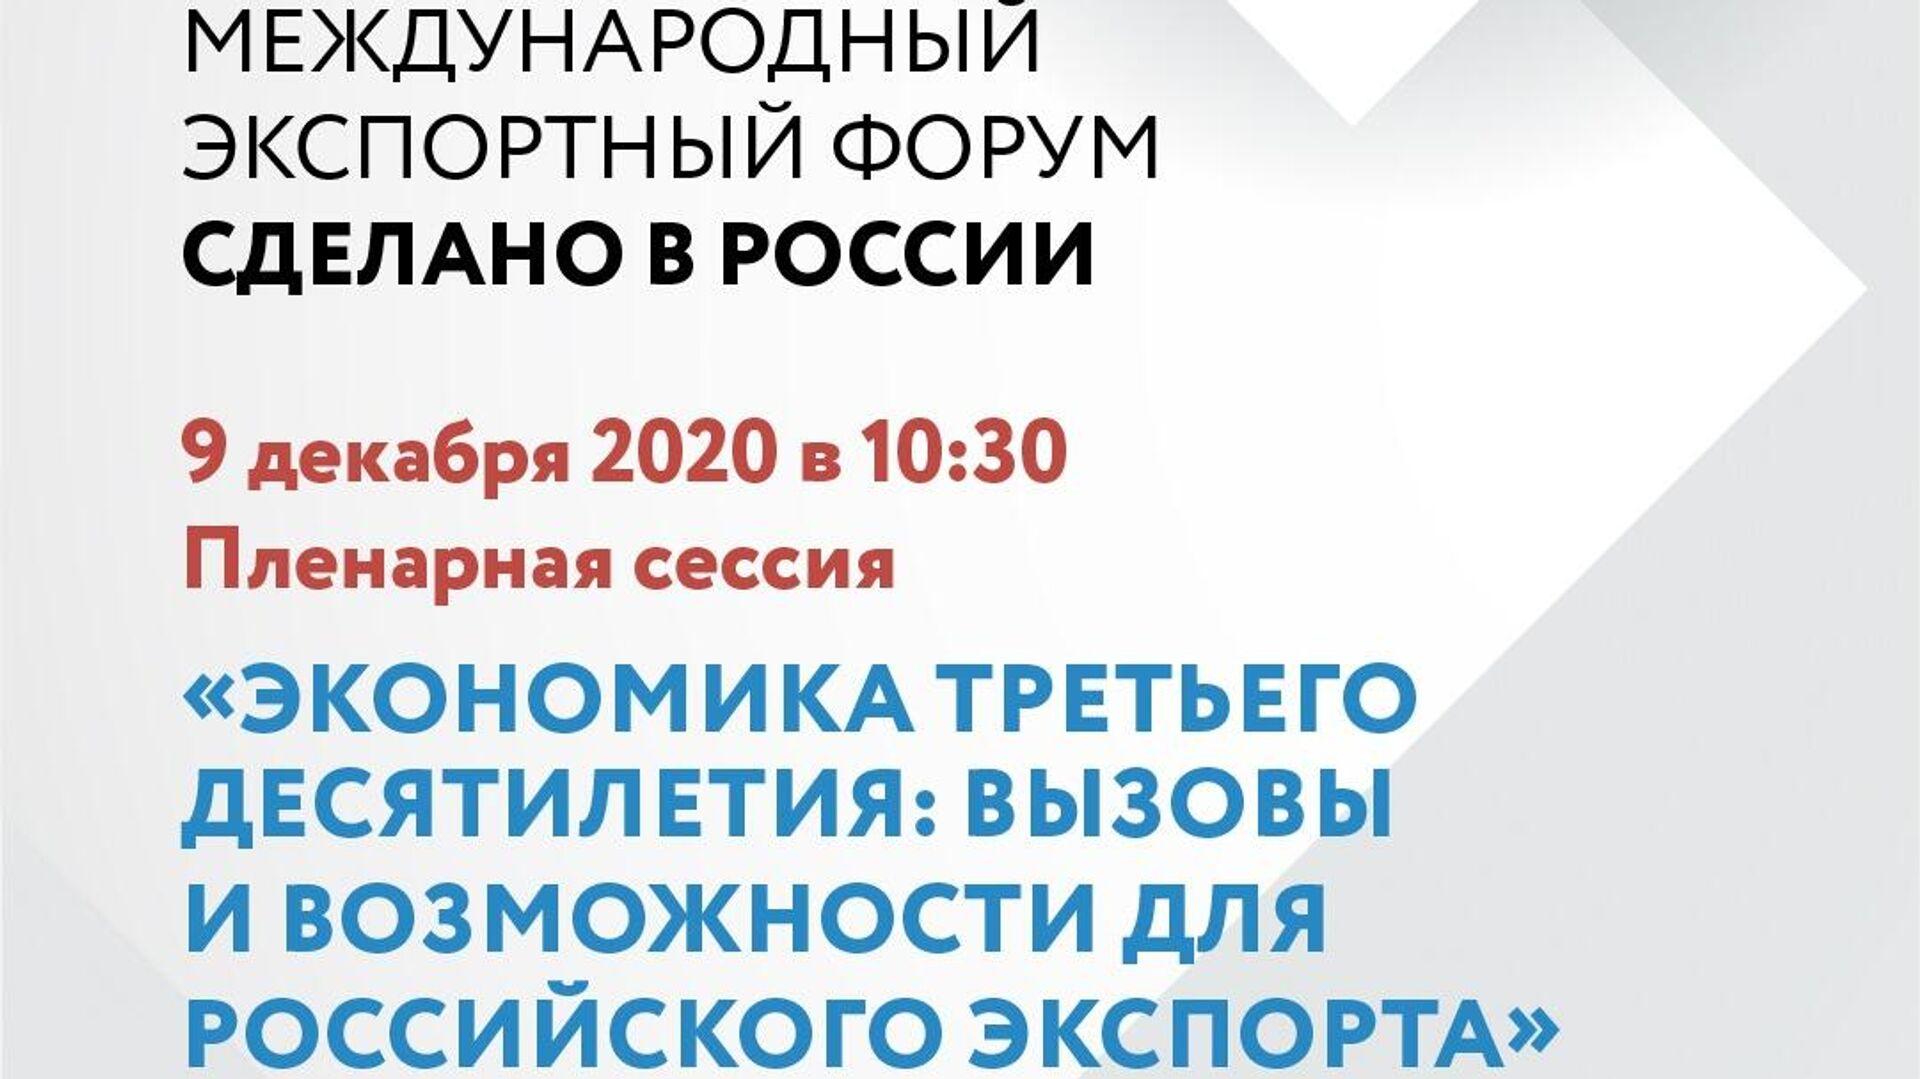 """На Форуме """"Сделано в России"""" 9 декабря обсудят вызовы нового десятилетия"""